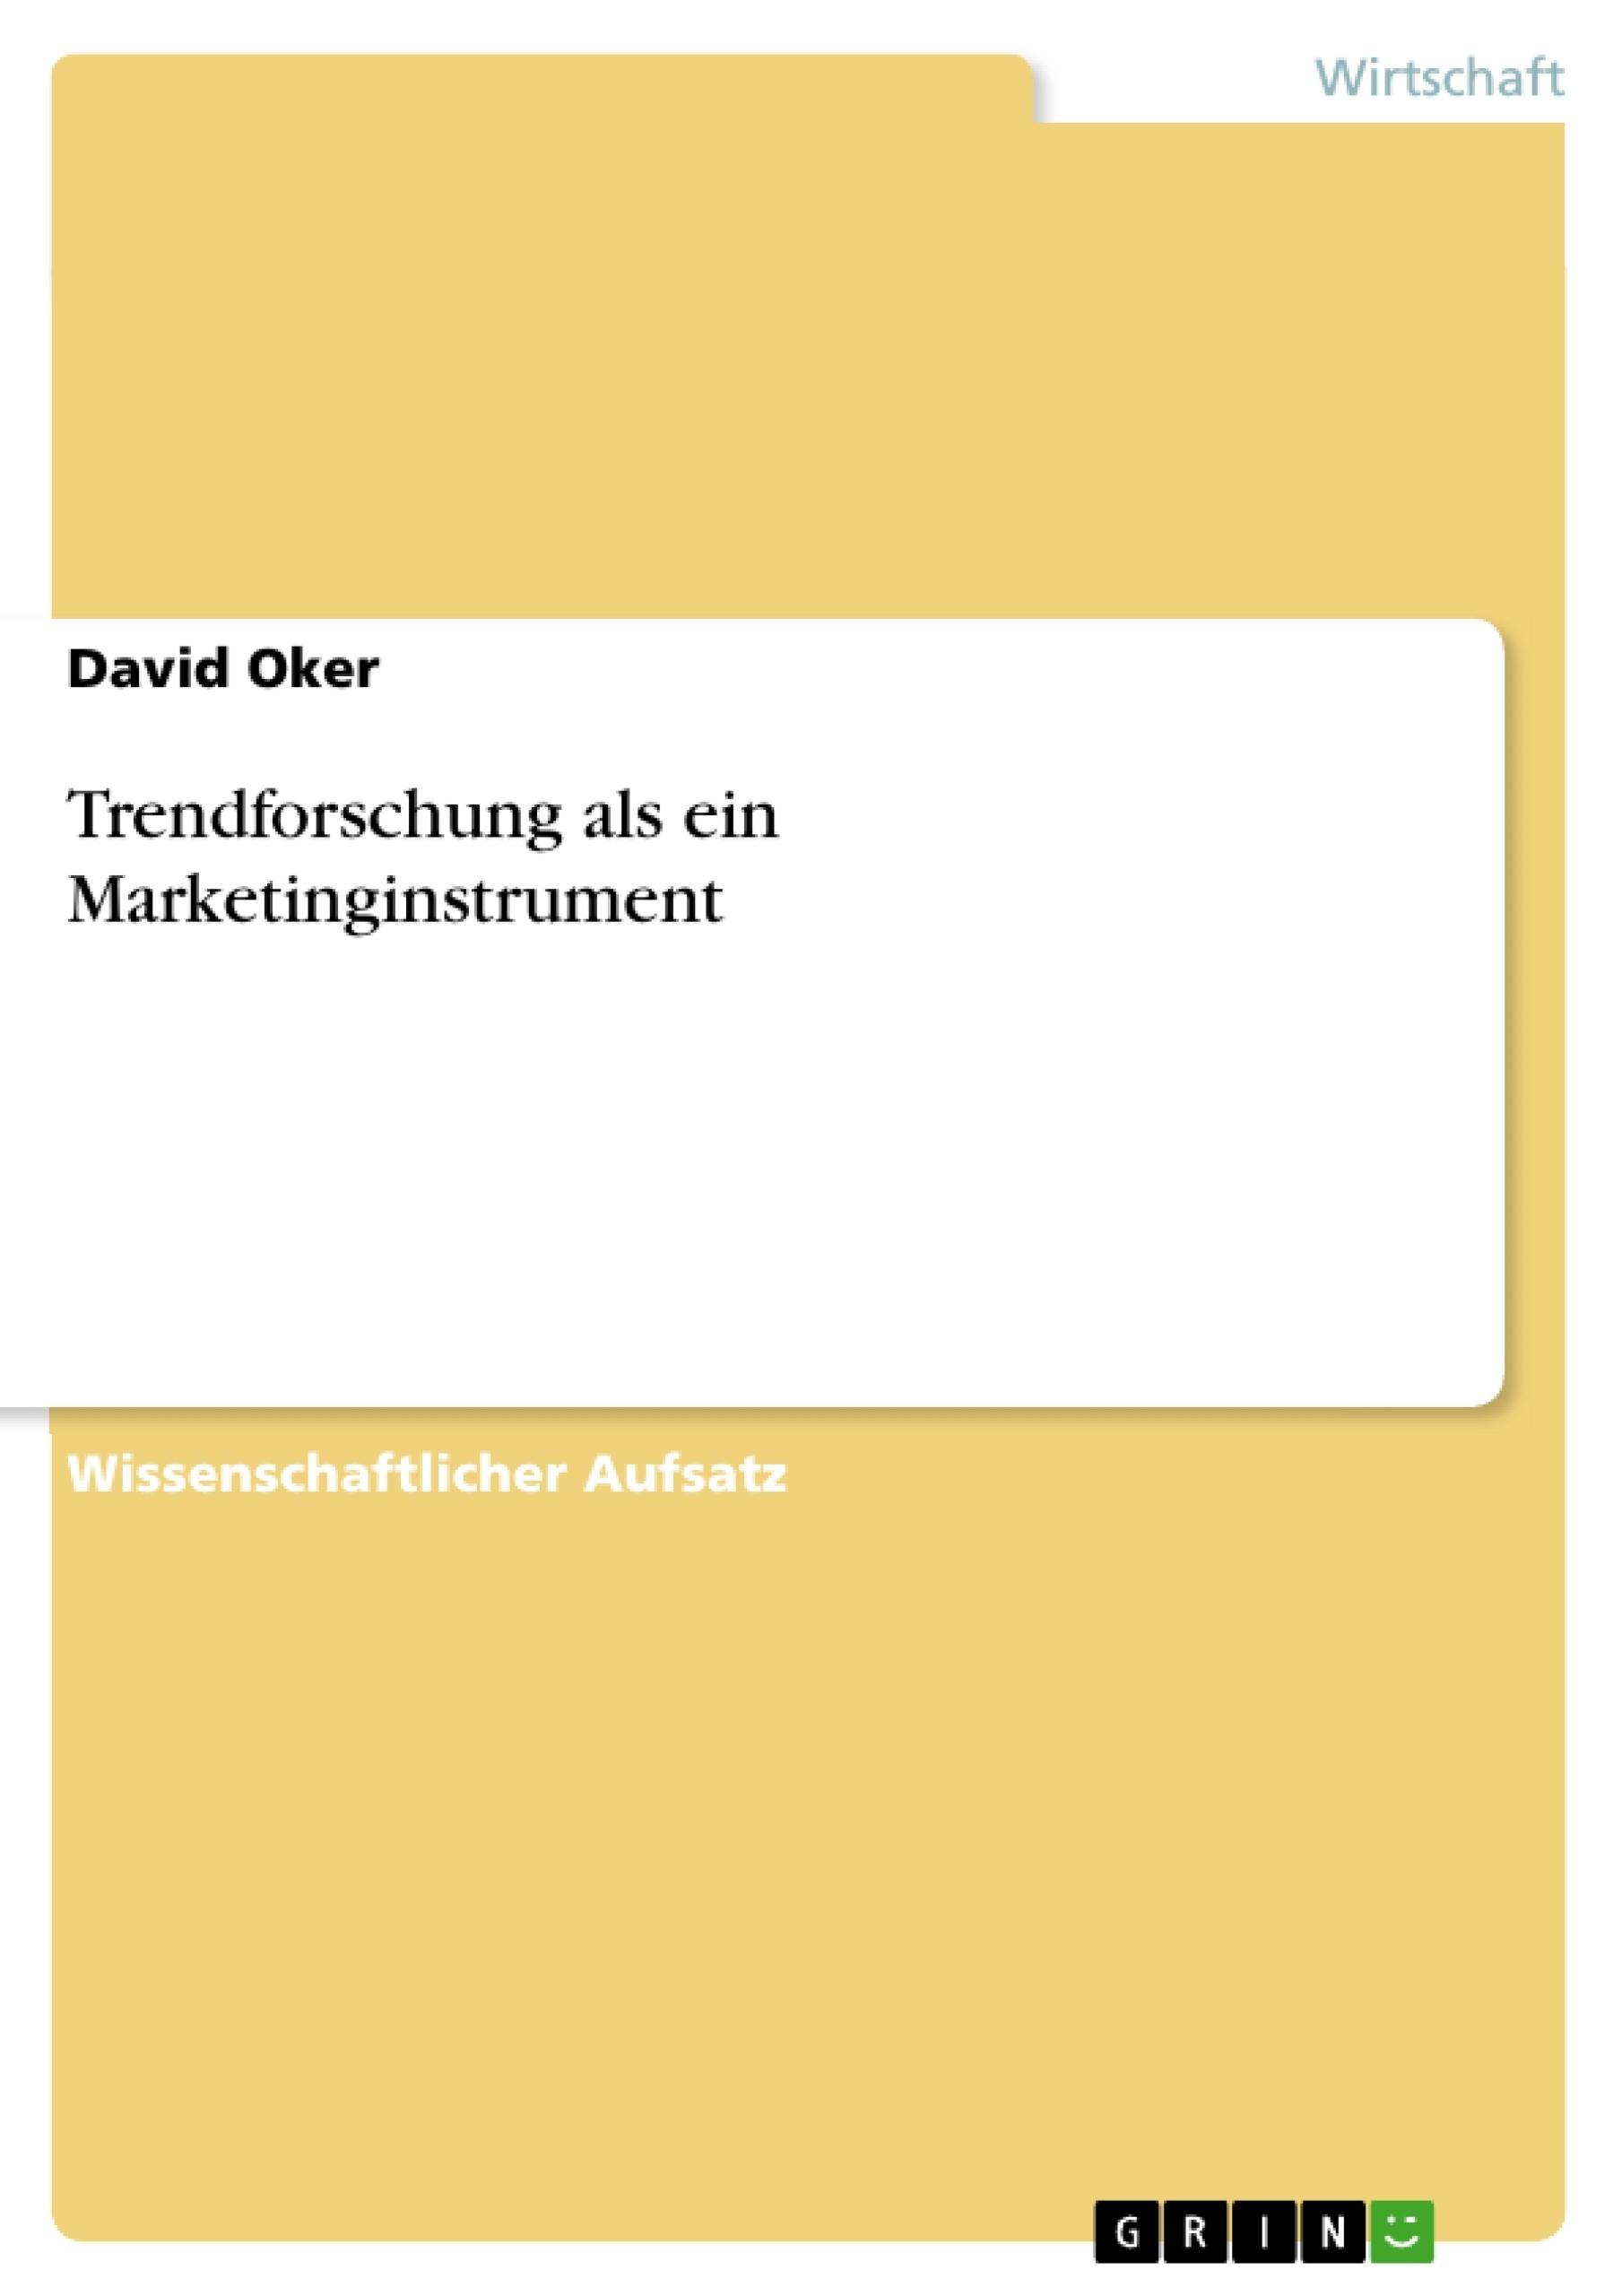 Titel: Trendforschung als ein Marketinginstrument